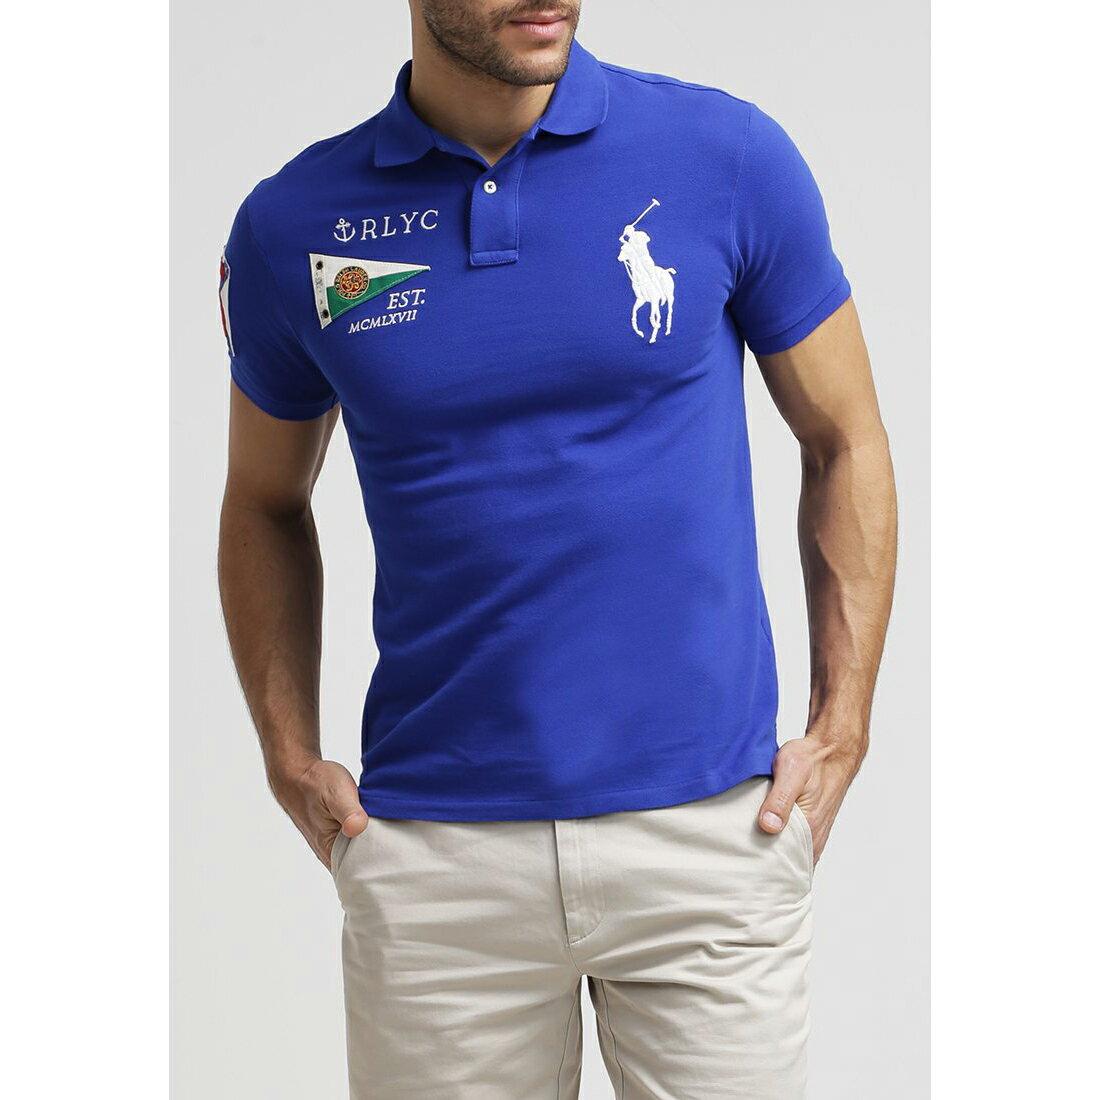 美國百分百【Ralph Lauren】Polo衫 RL 短袖 Polo 大馬 寶藍 旗幟 國旗 男 M號 C791